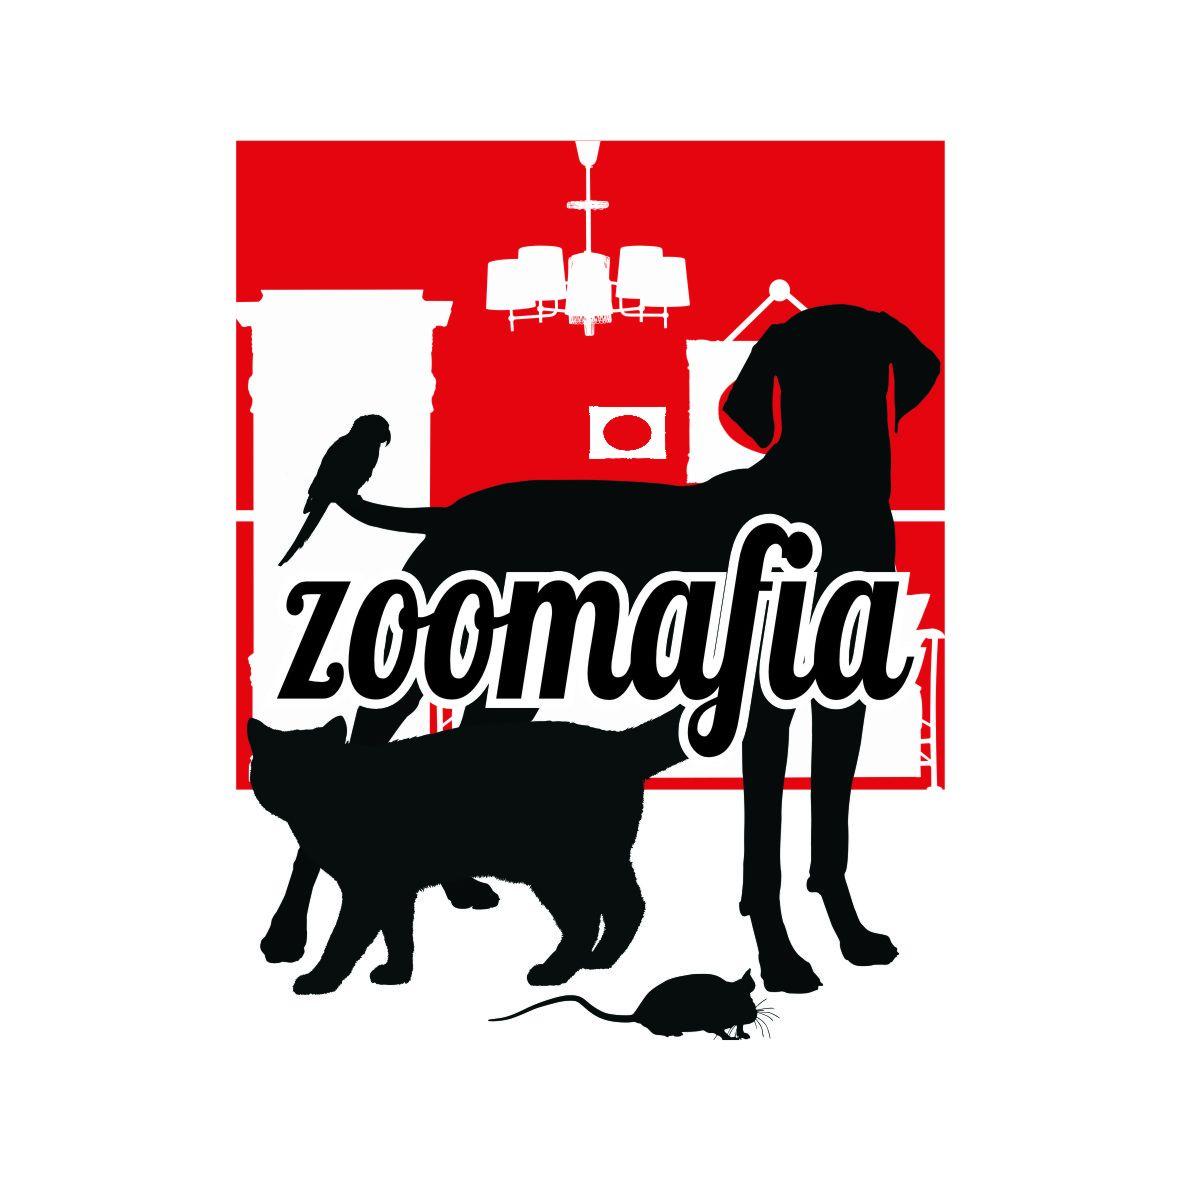 Логотип для интернет магазина зоотоваров - дизайнер flaffi555